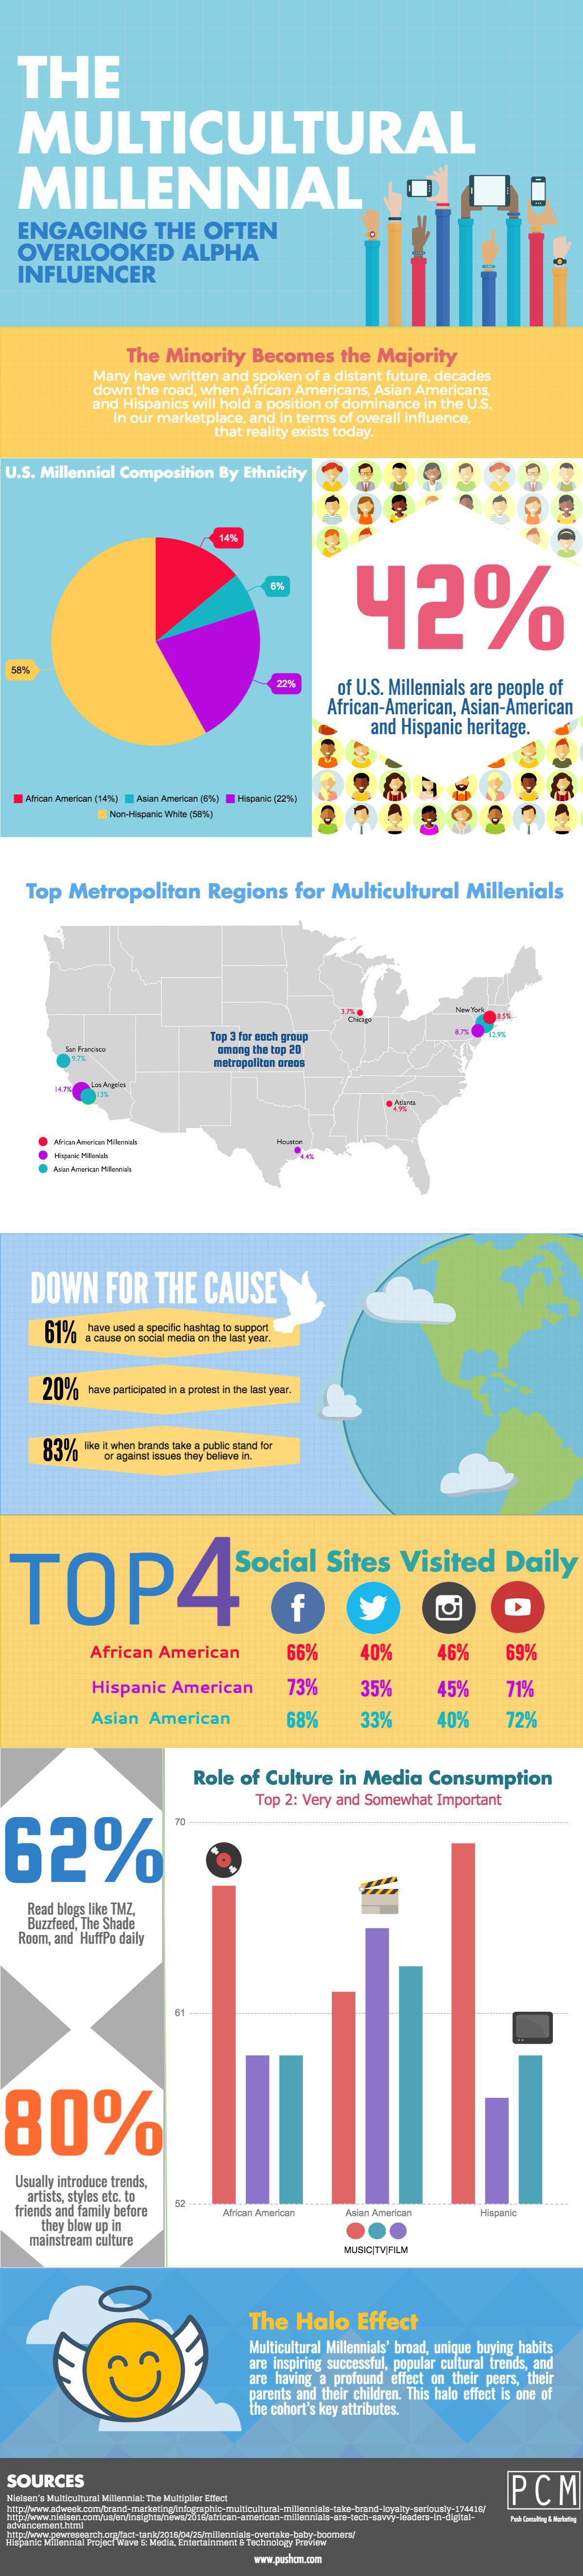 Multicultural_Millennials_Infographic_PCM.jpg